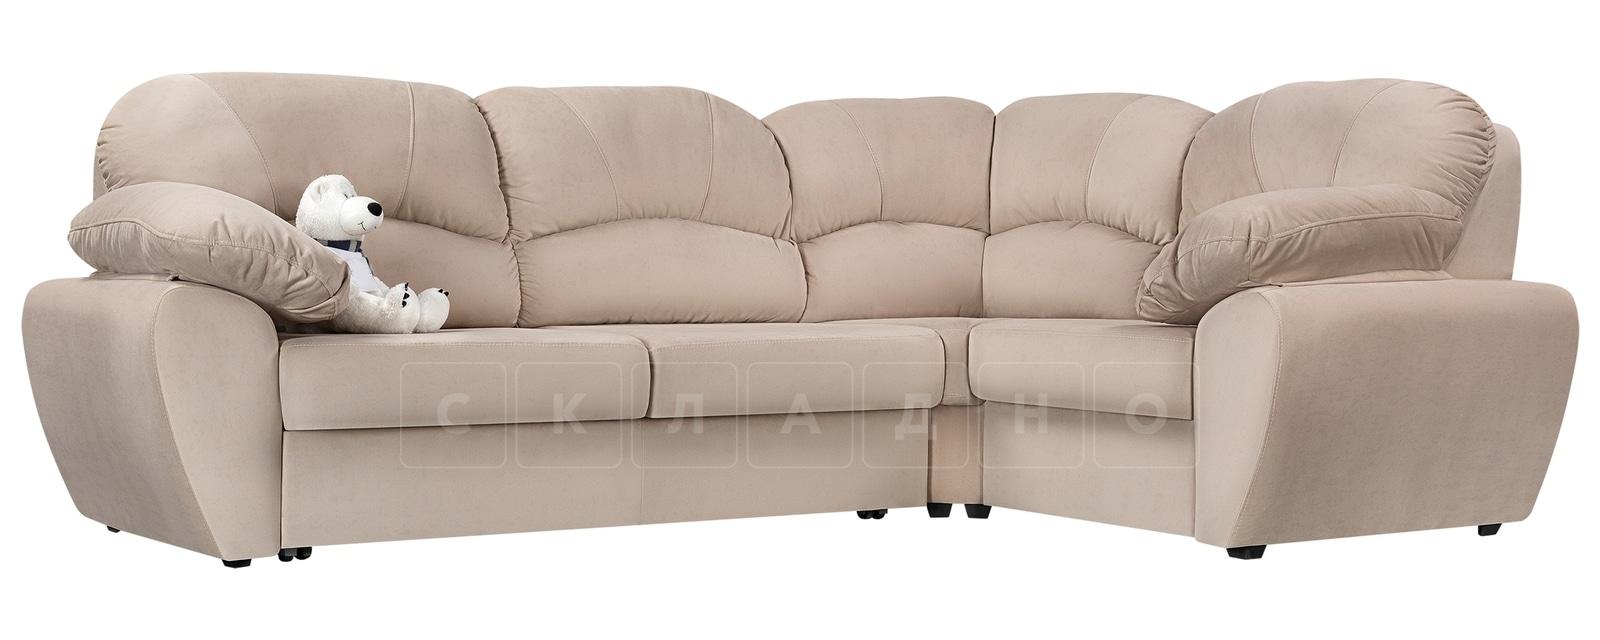 Угловой диван Эвита велюр бежевый правый угол фото 1 | интернет-магазин Складно